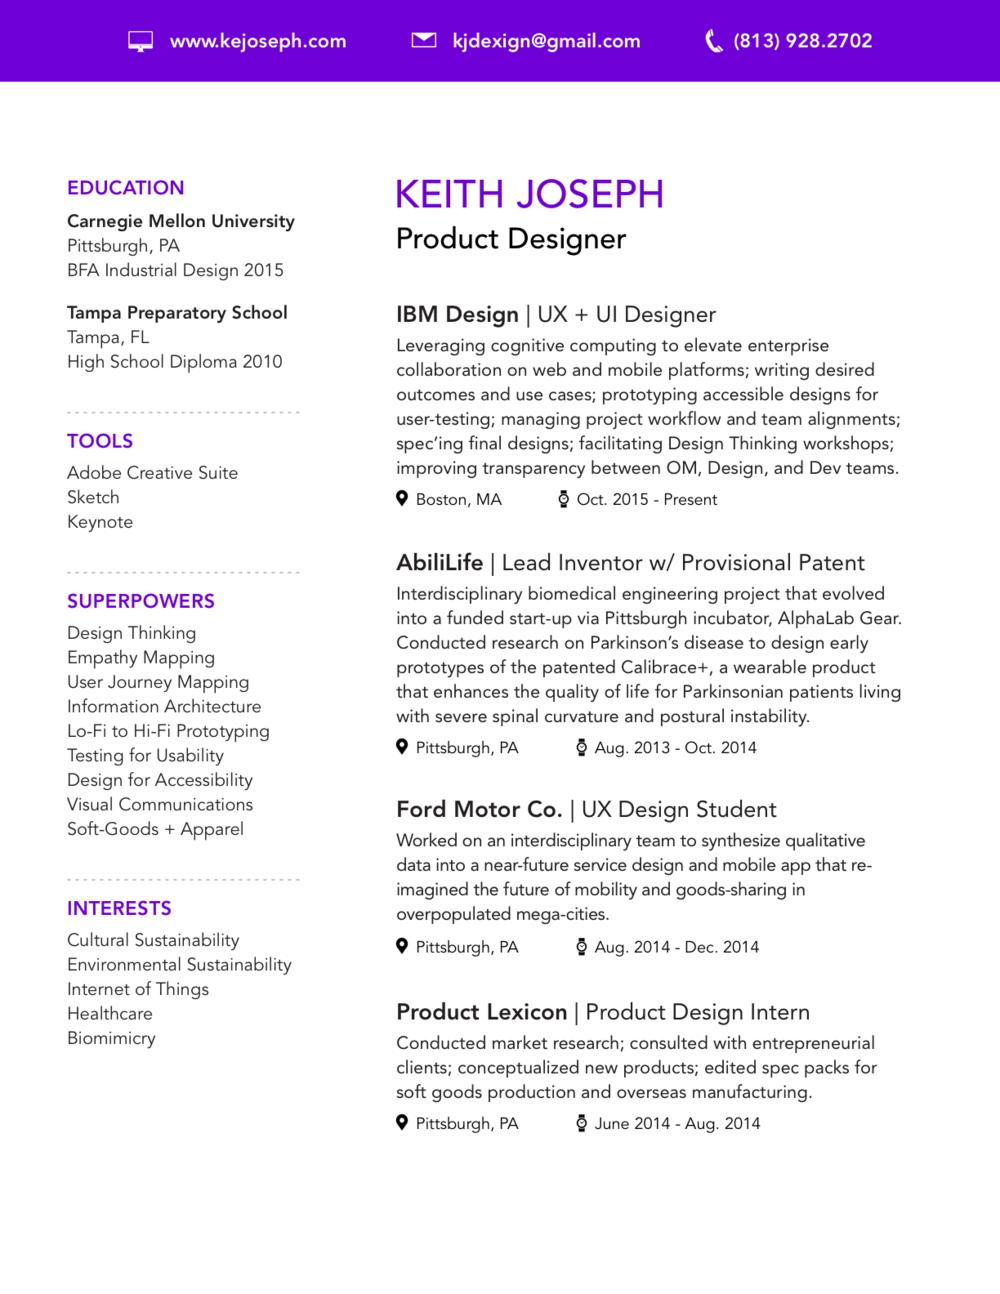 Resume — Keith Joseph